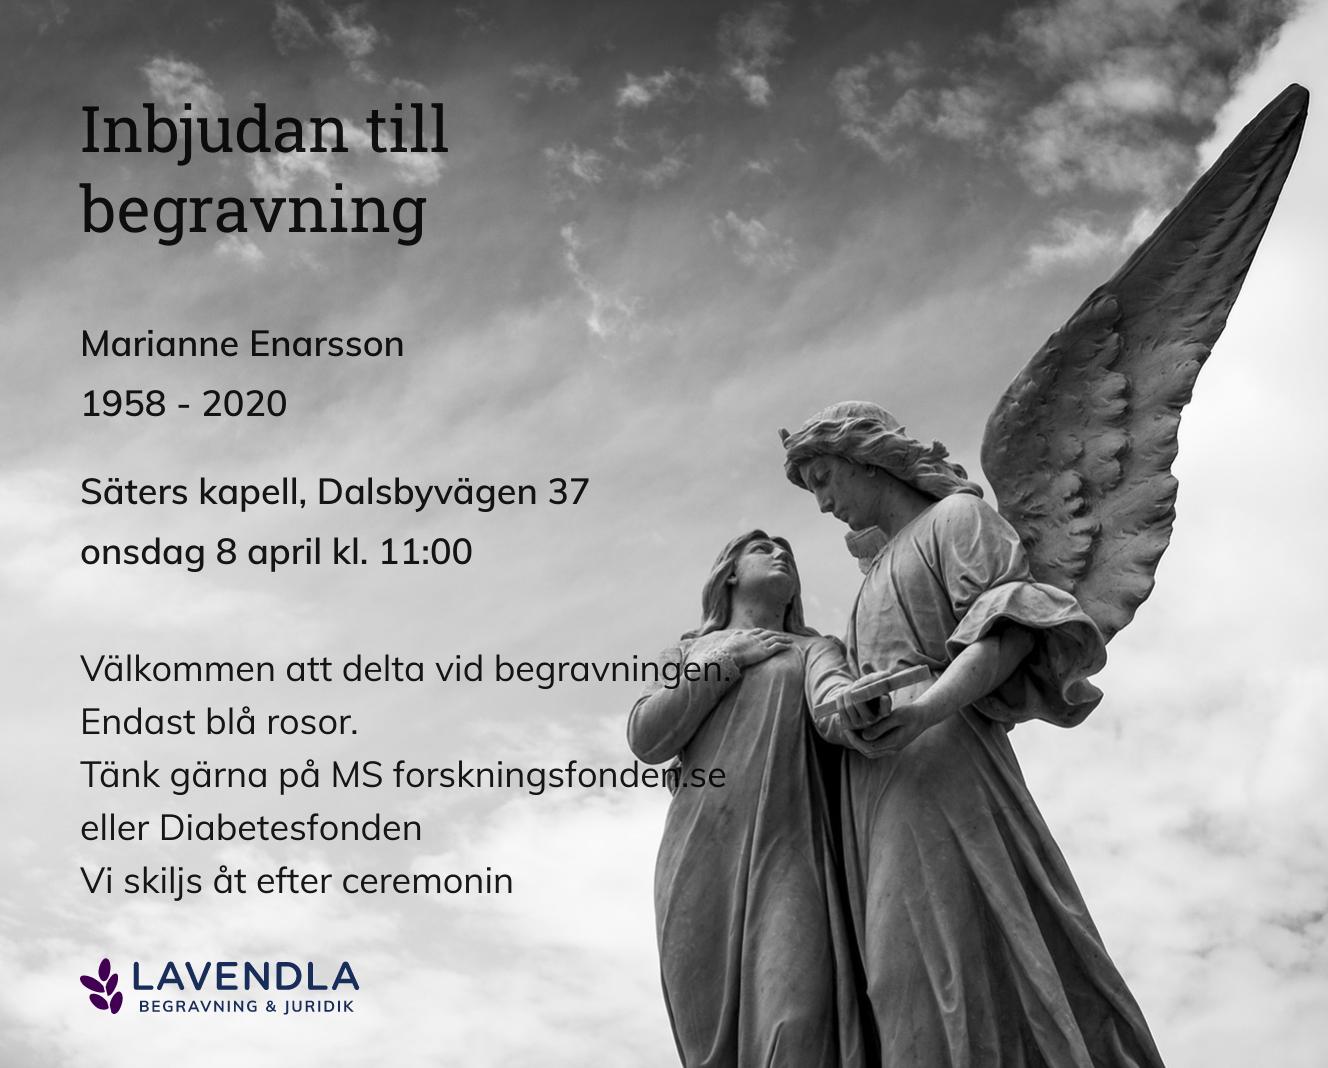 Inbjudningskort till ceremonin för Marianne Enarsson